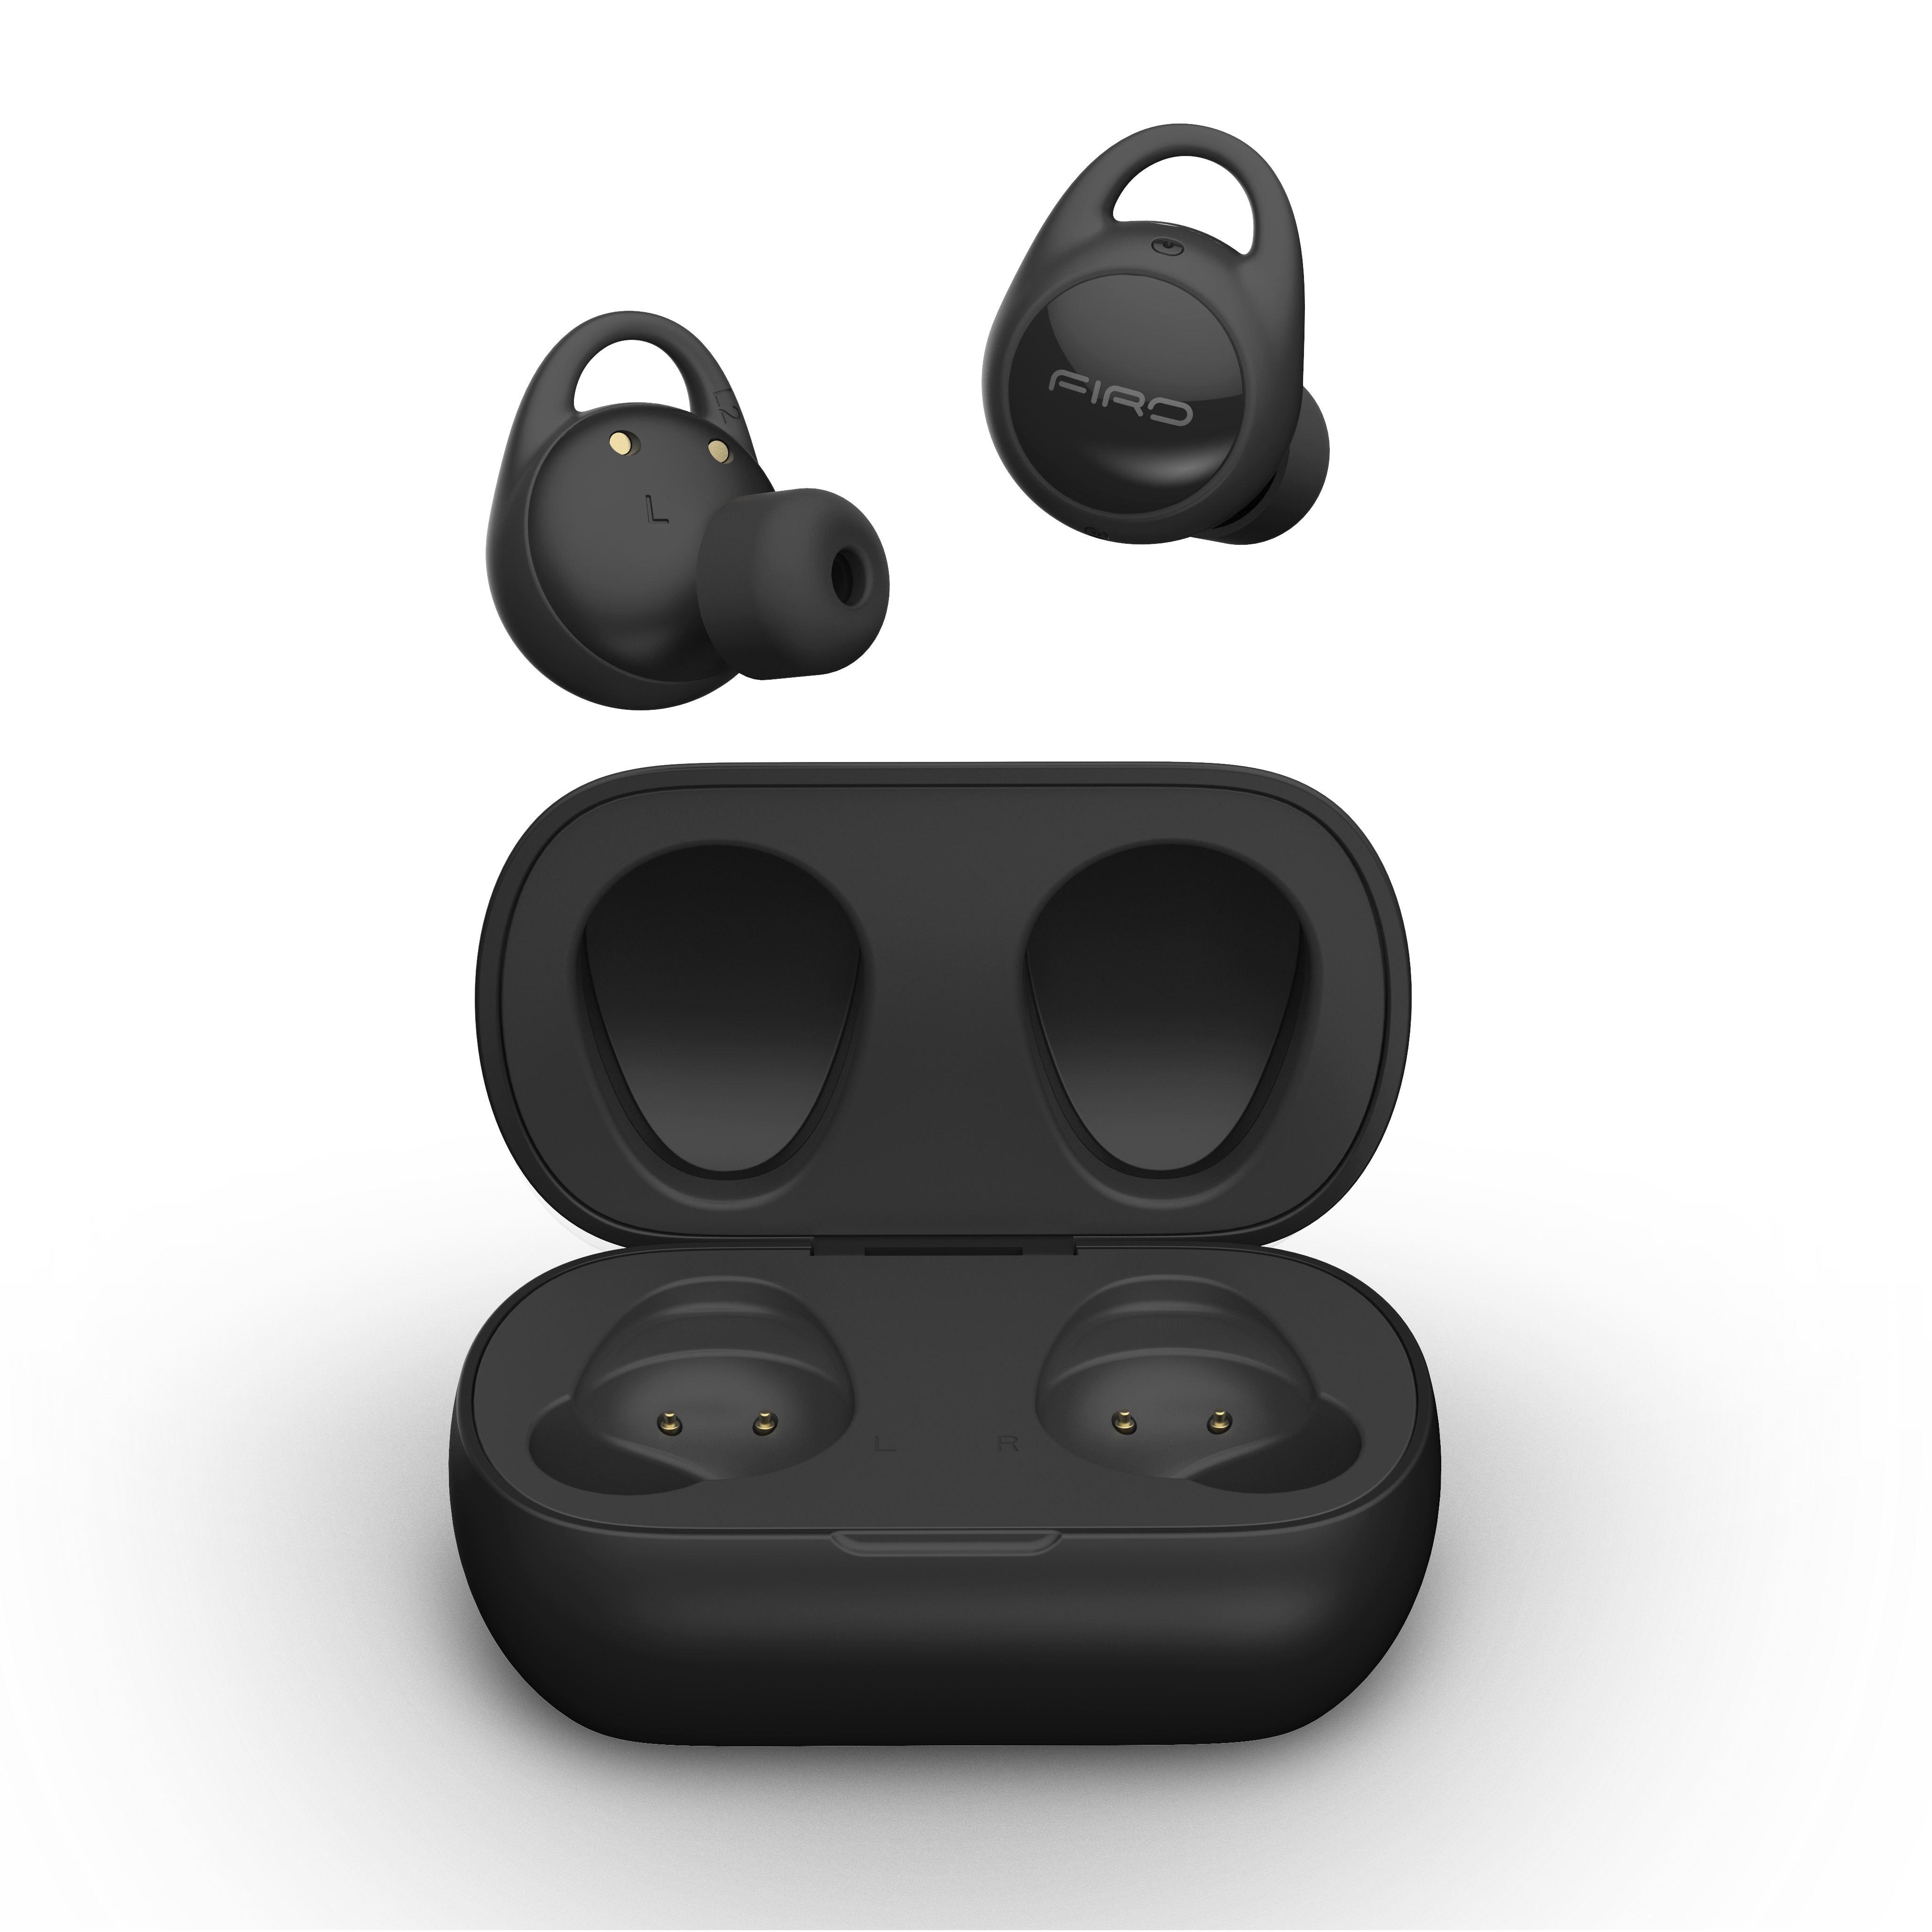 진정한 무선 TWS 이어폰 소음 감소 프리미엄 RF 블루투스 이어폰 및 헤드폰